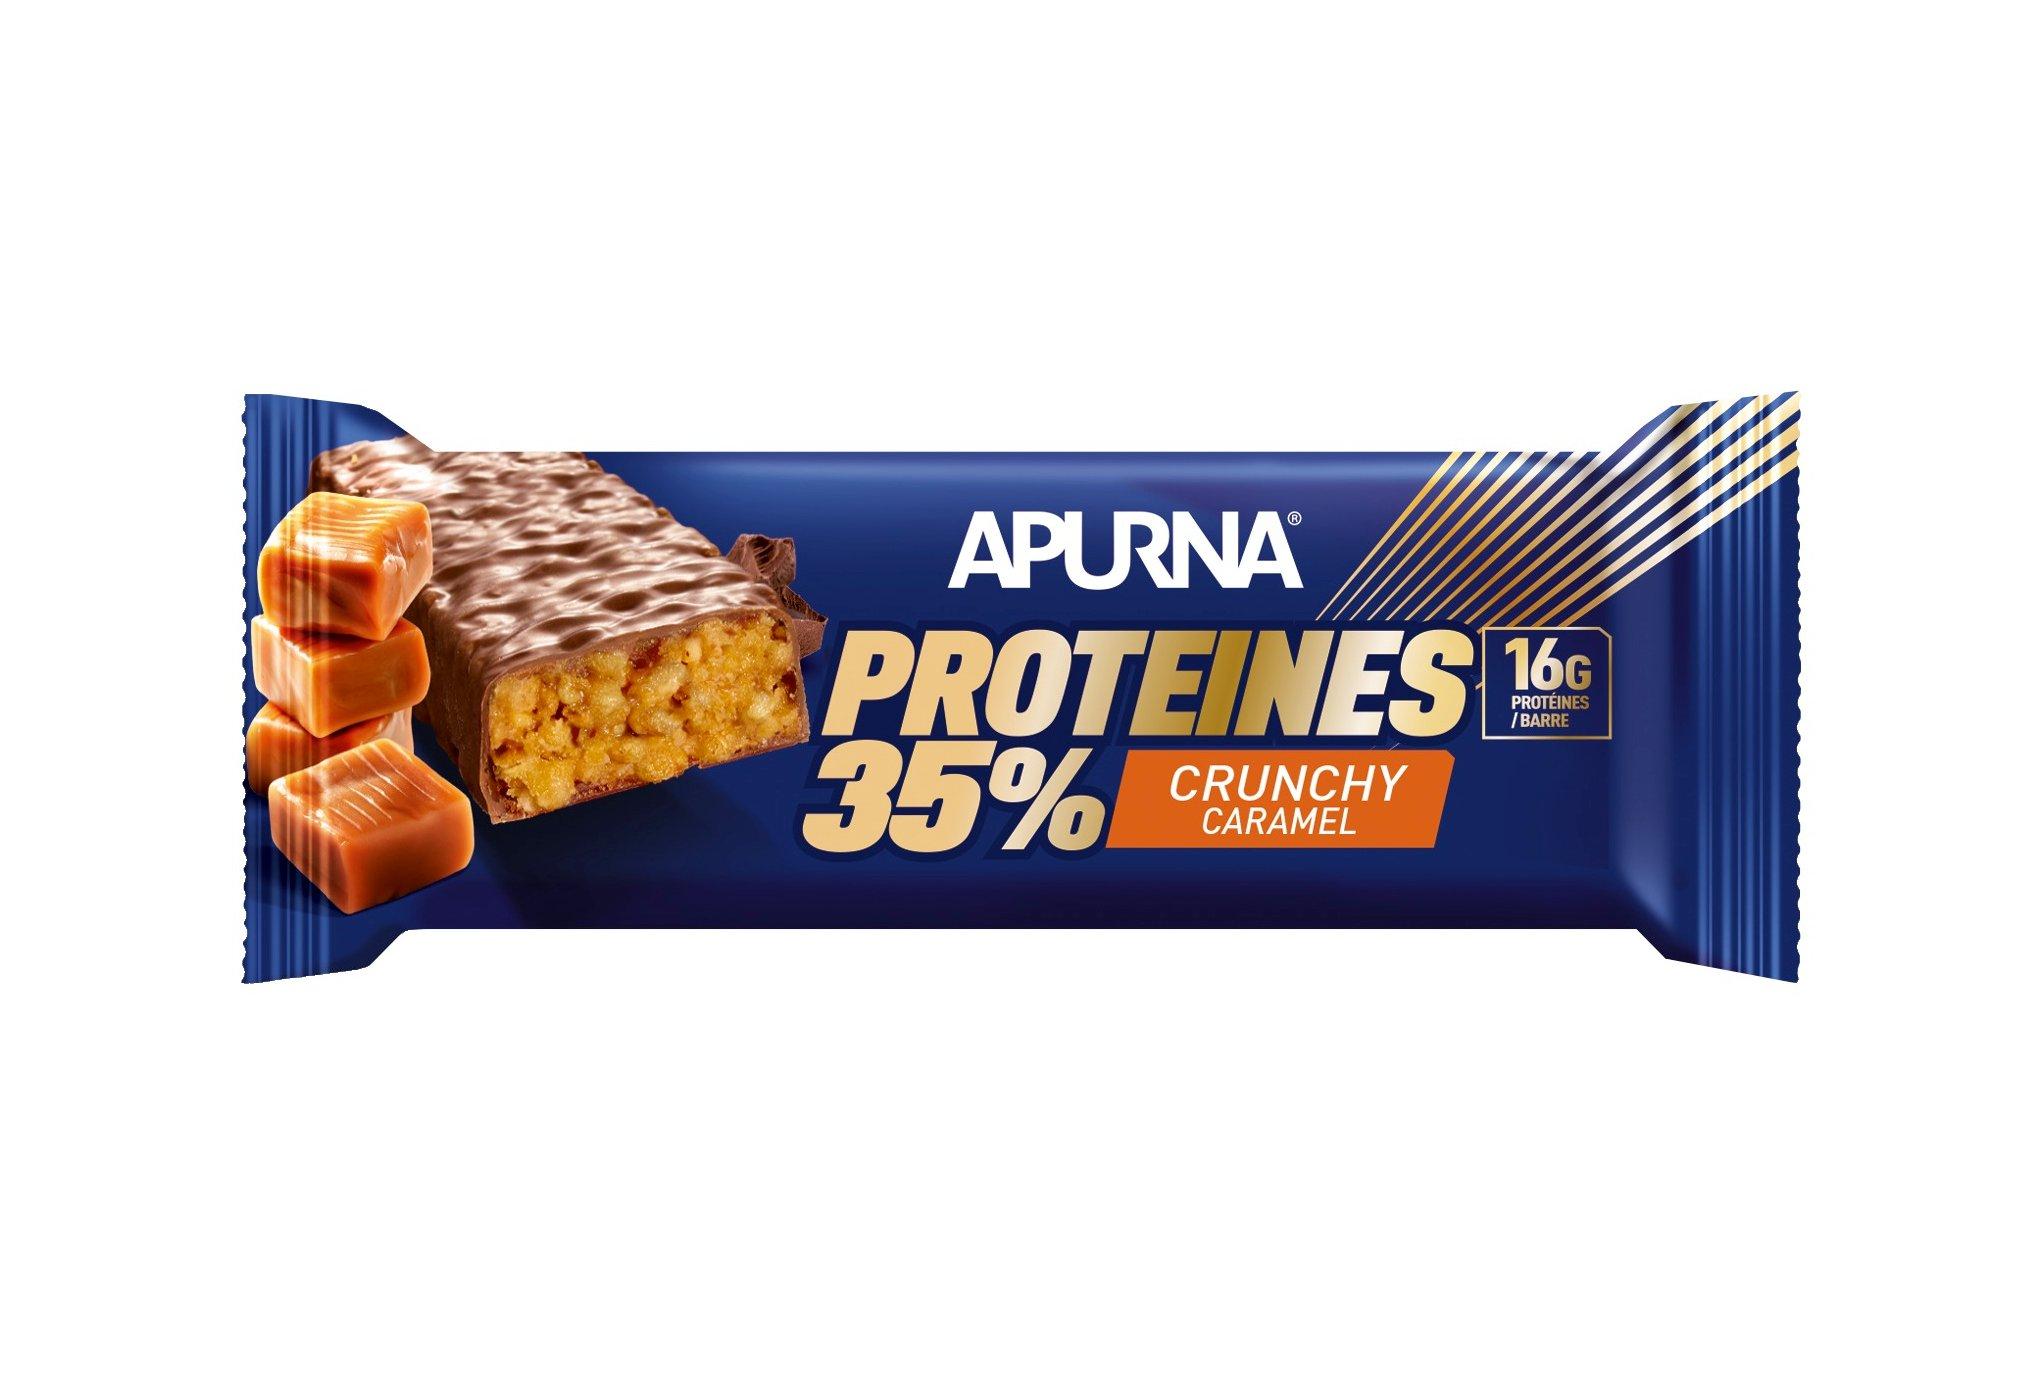 Apurna Barre Protéinée - Crunchy Caramel Diététique Protéines / récupération